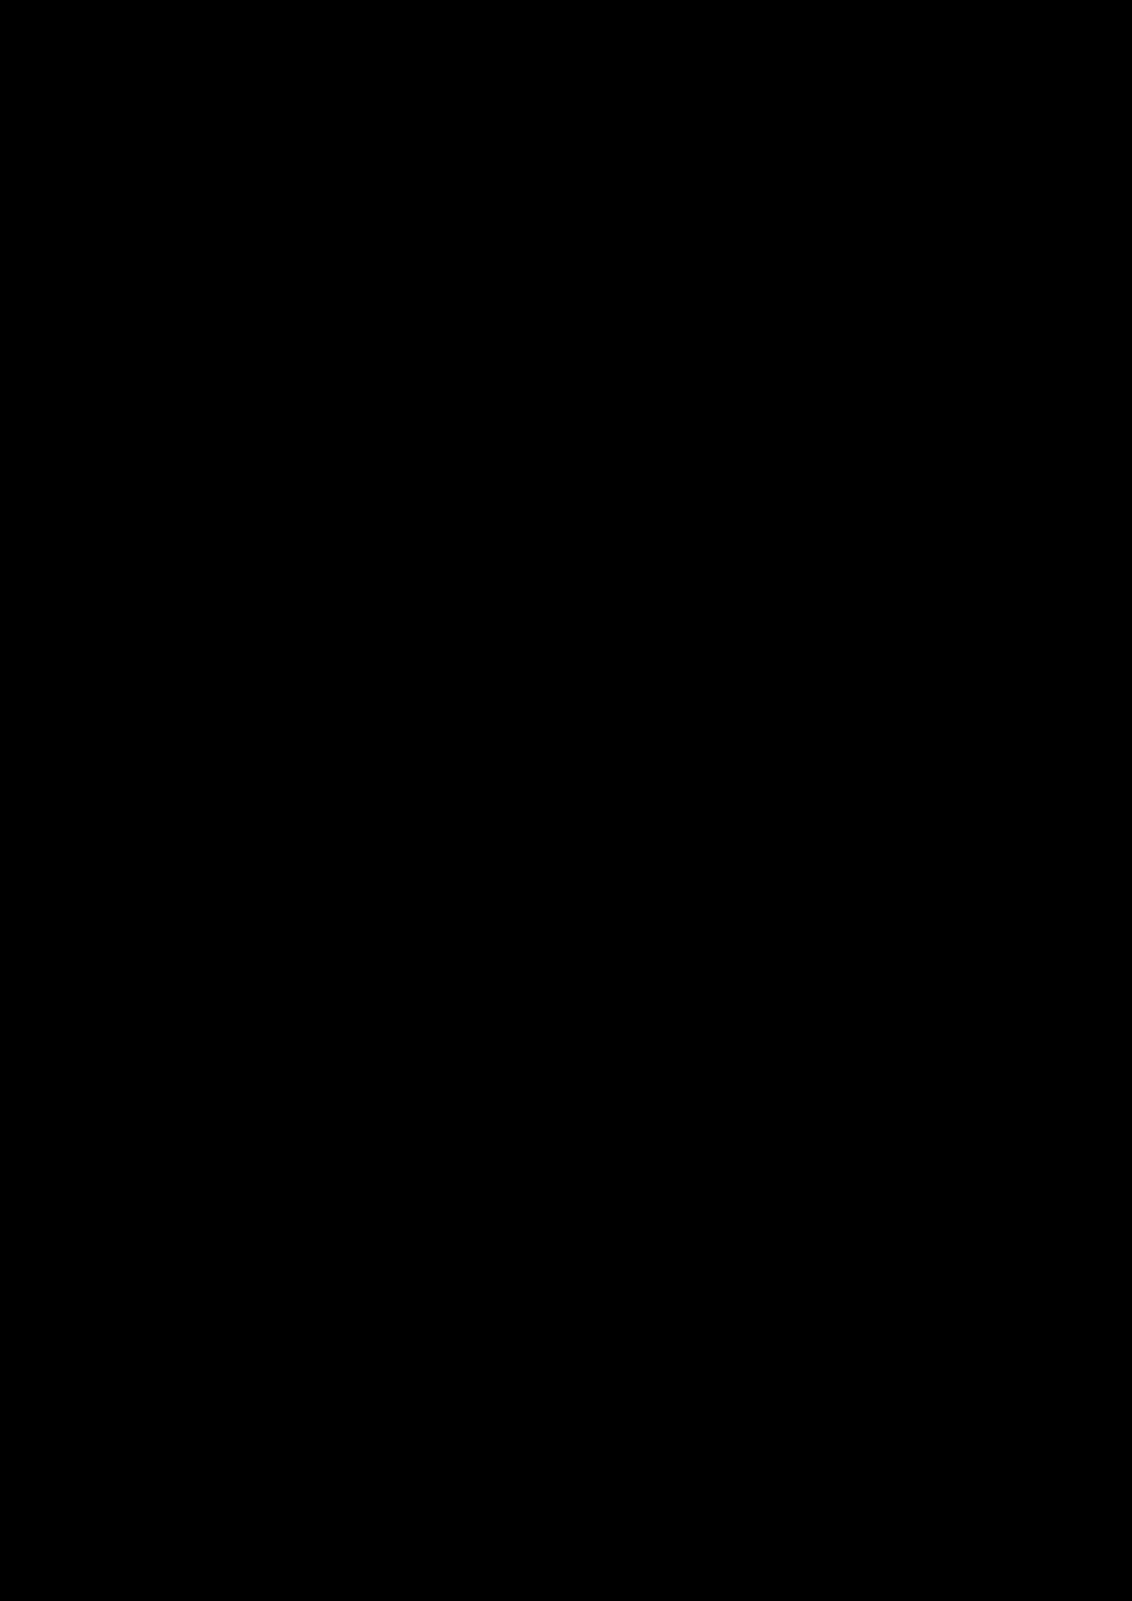 Vyibor Est slide, Image 34